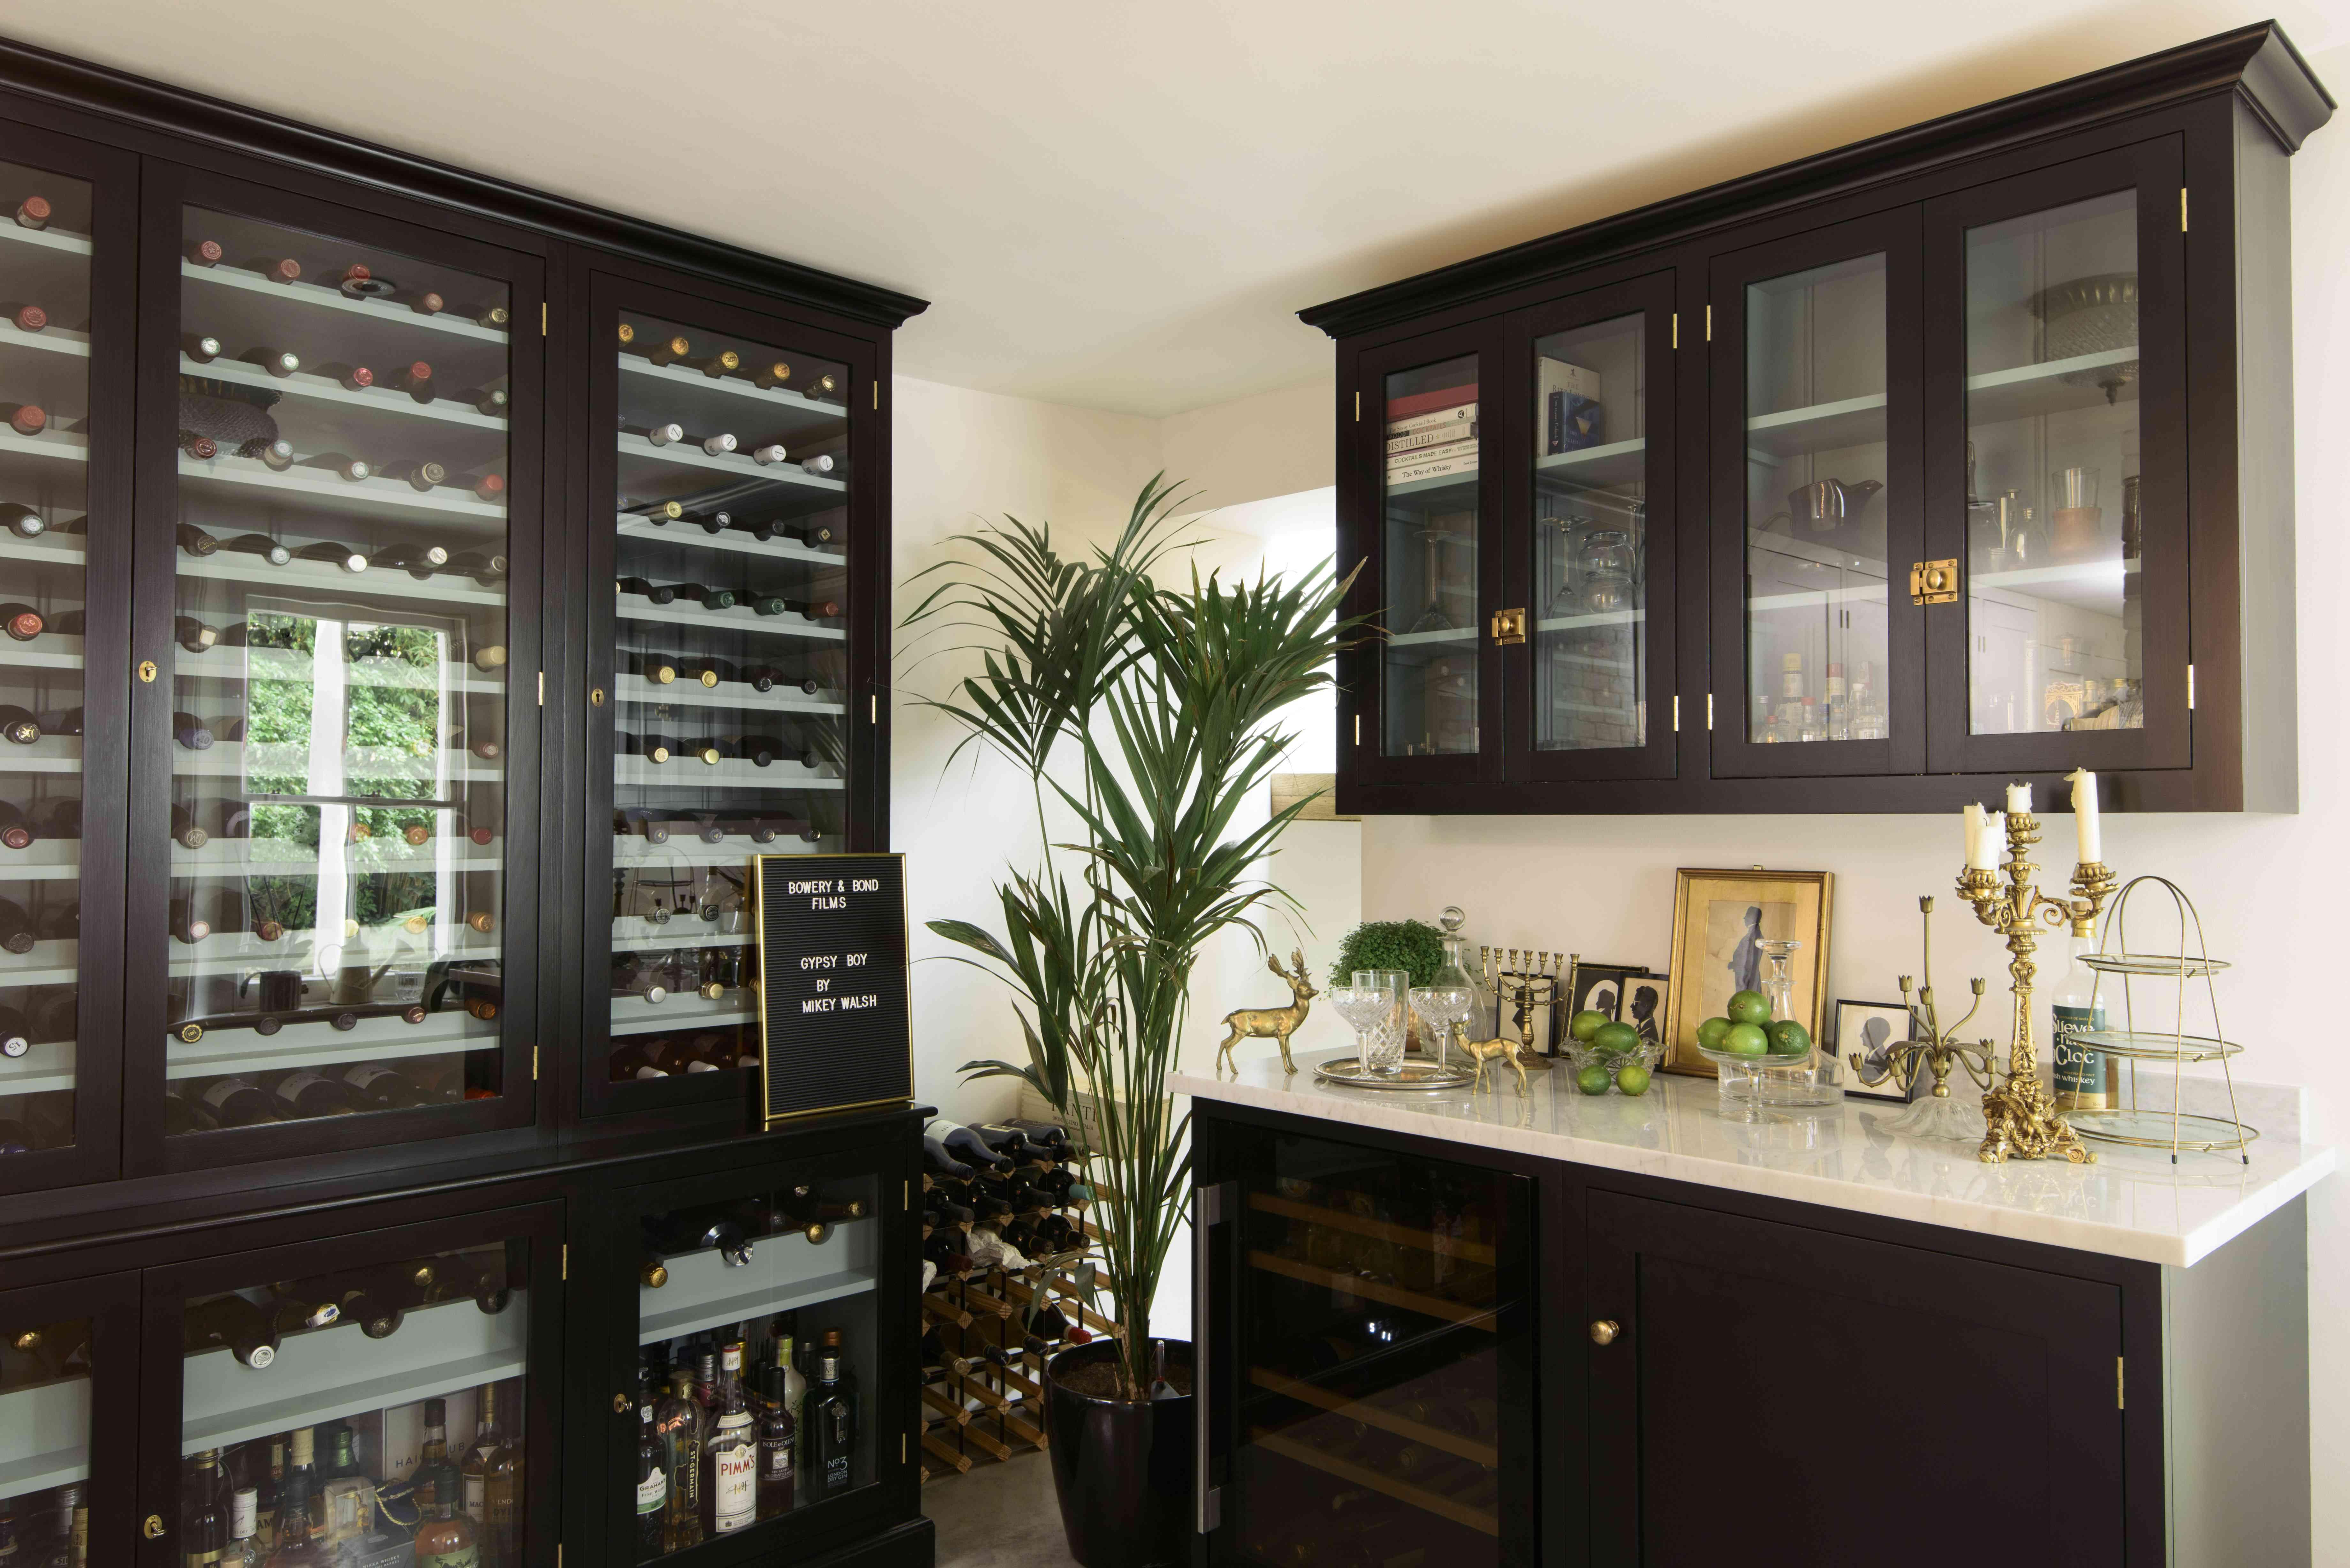 Basement kitchenette mini bar